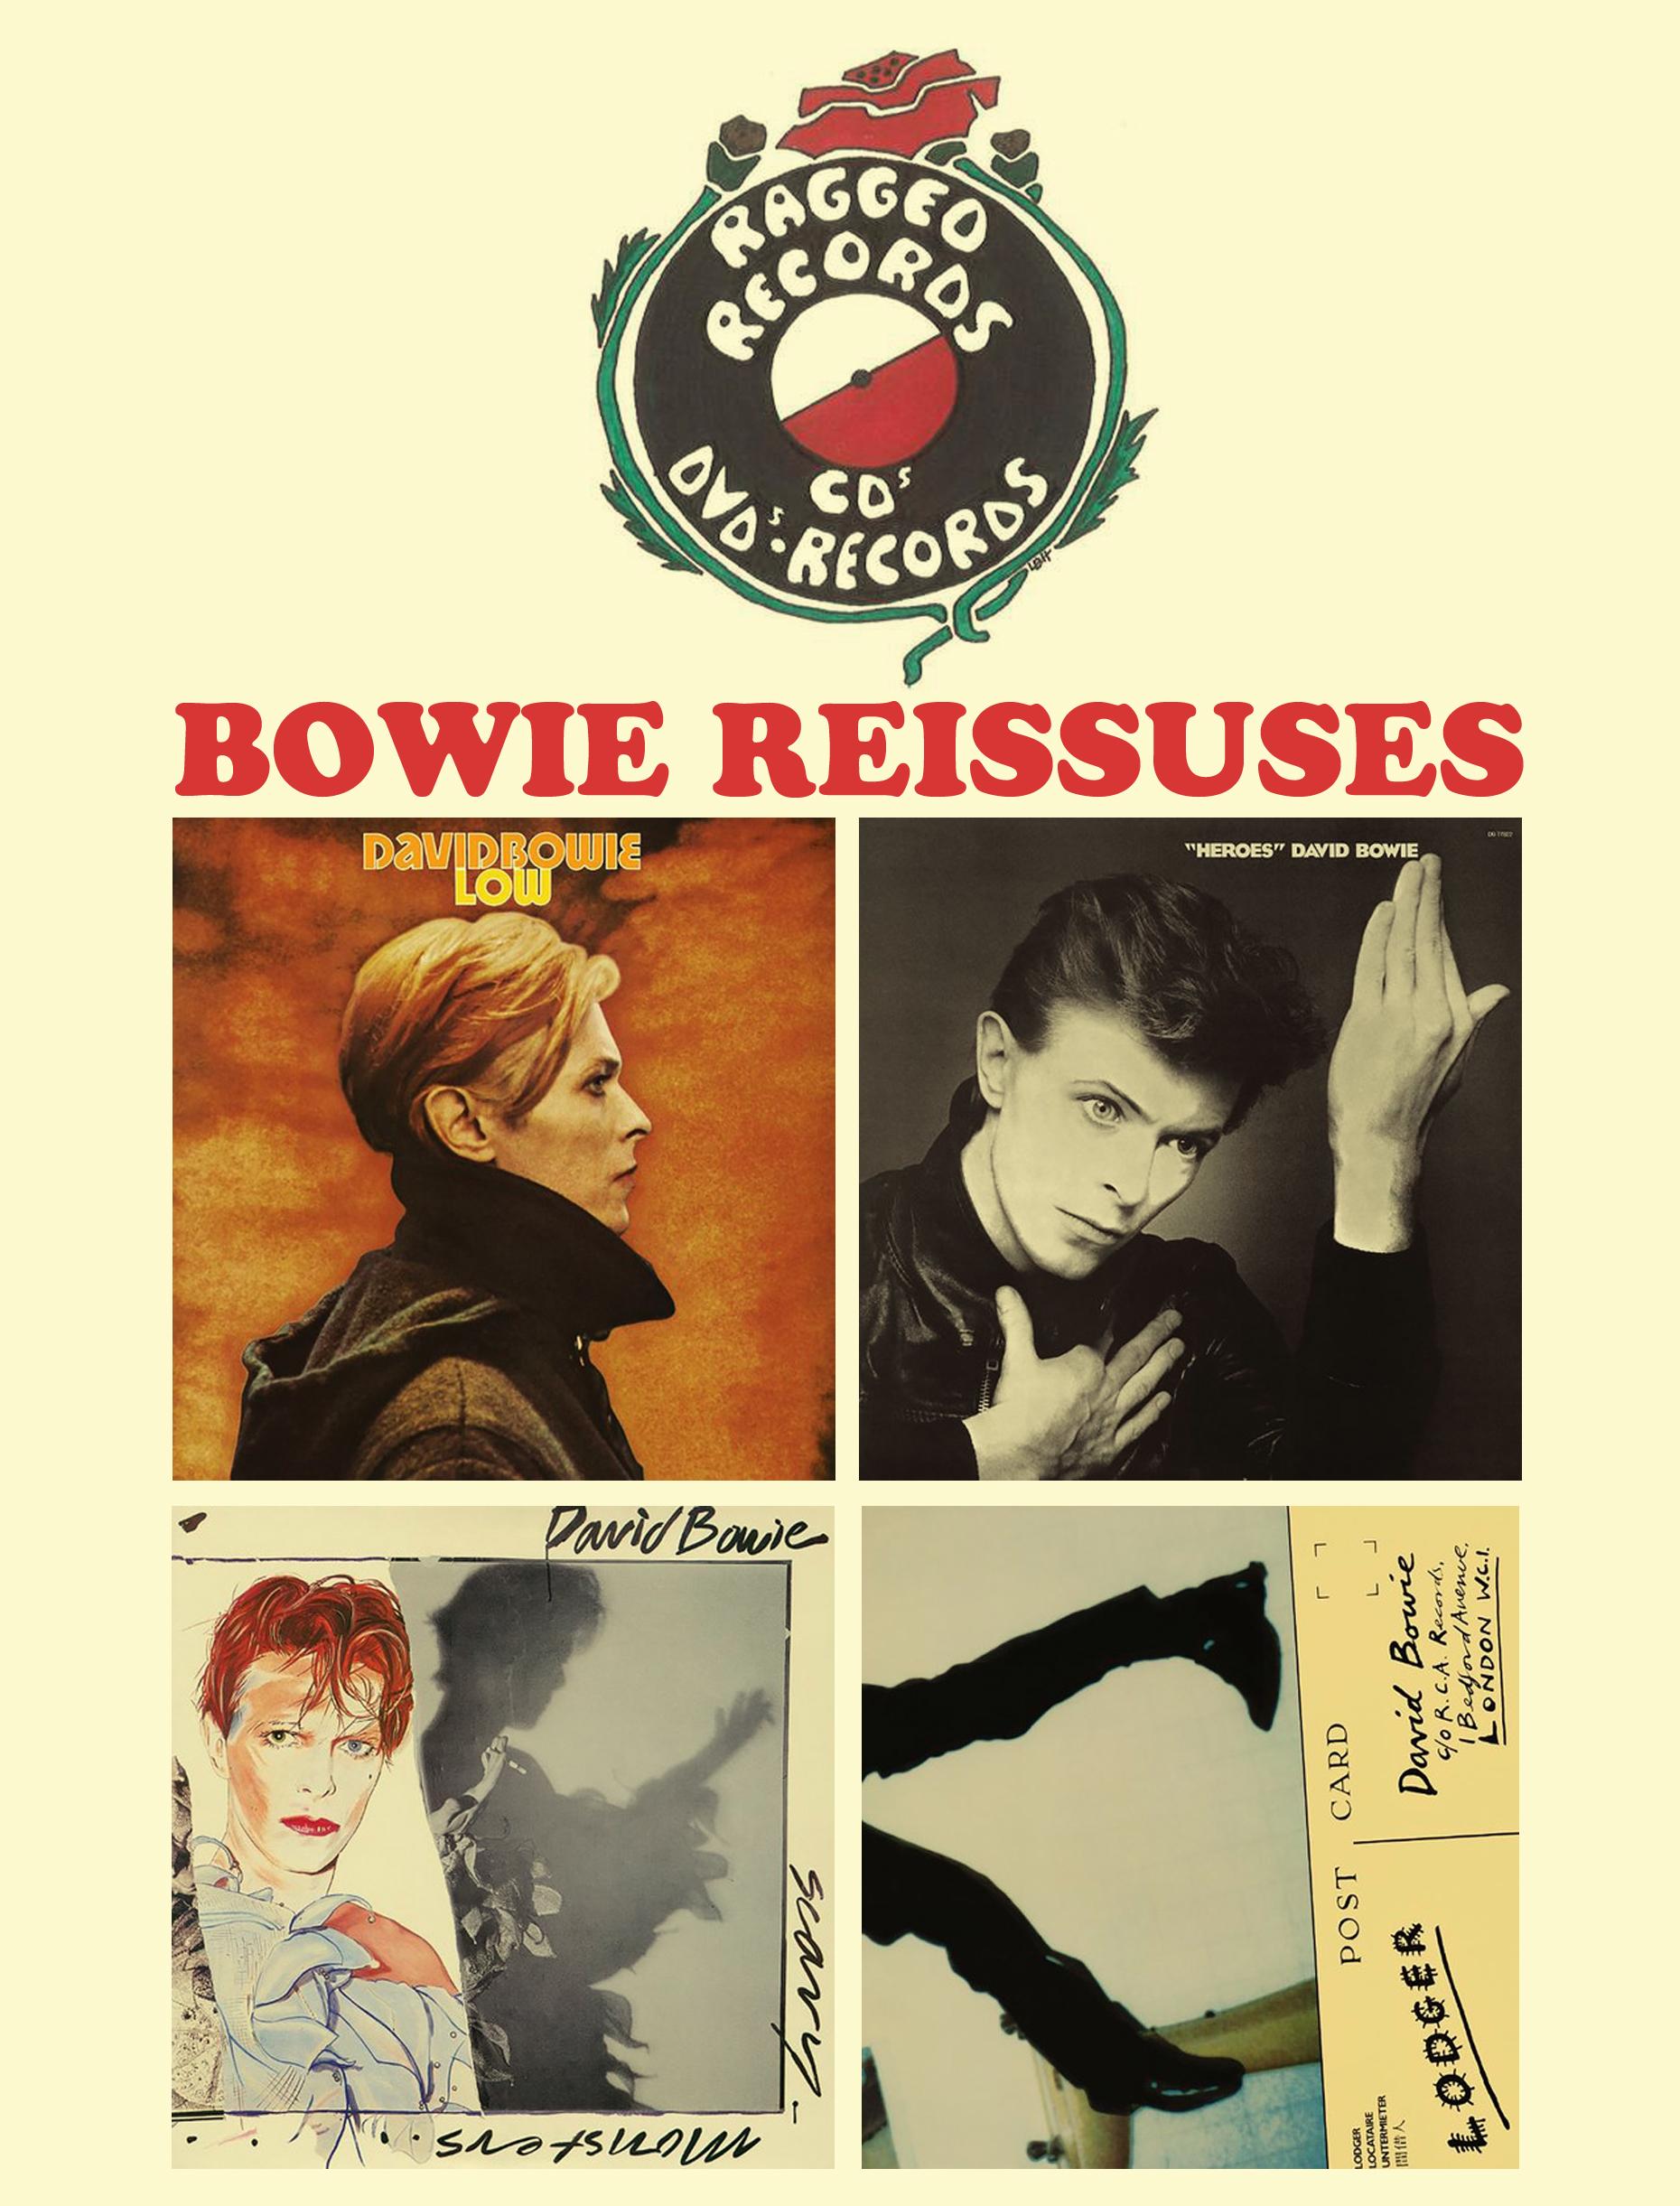 Bowie Reissue Promo.jpg